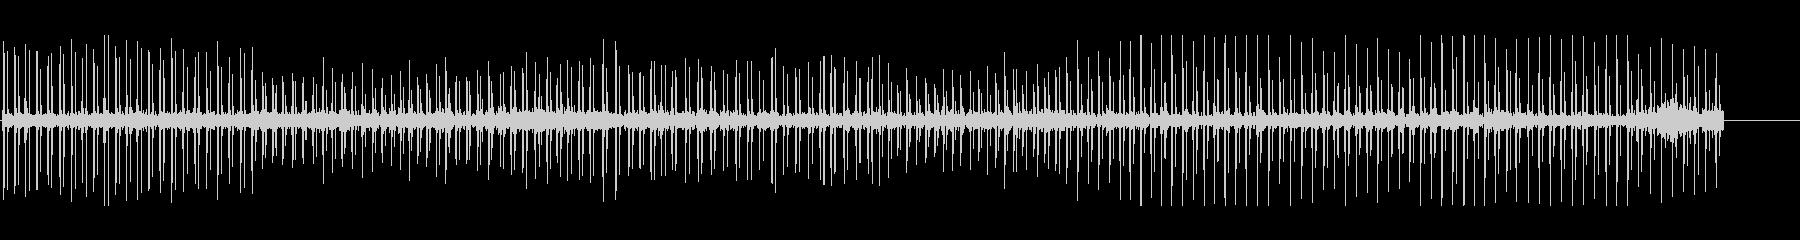 ハートビート、変動。の未再生の波形